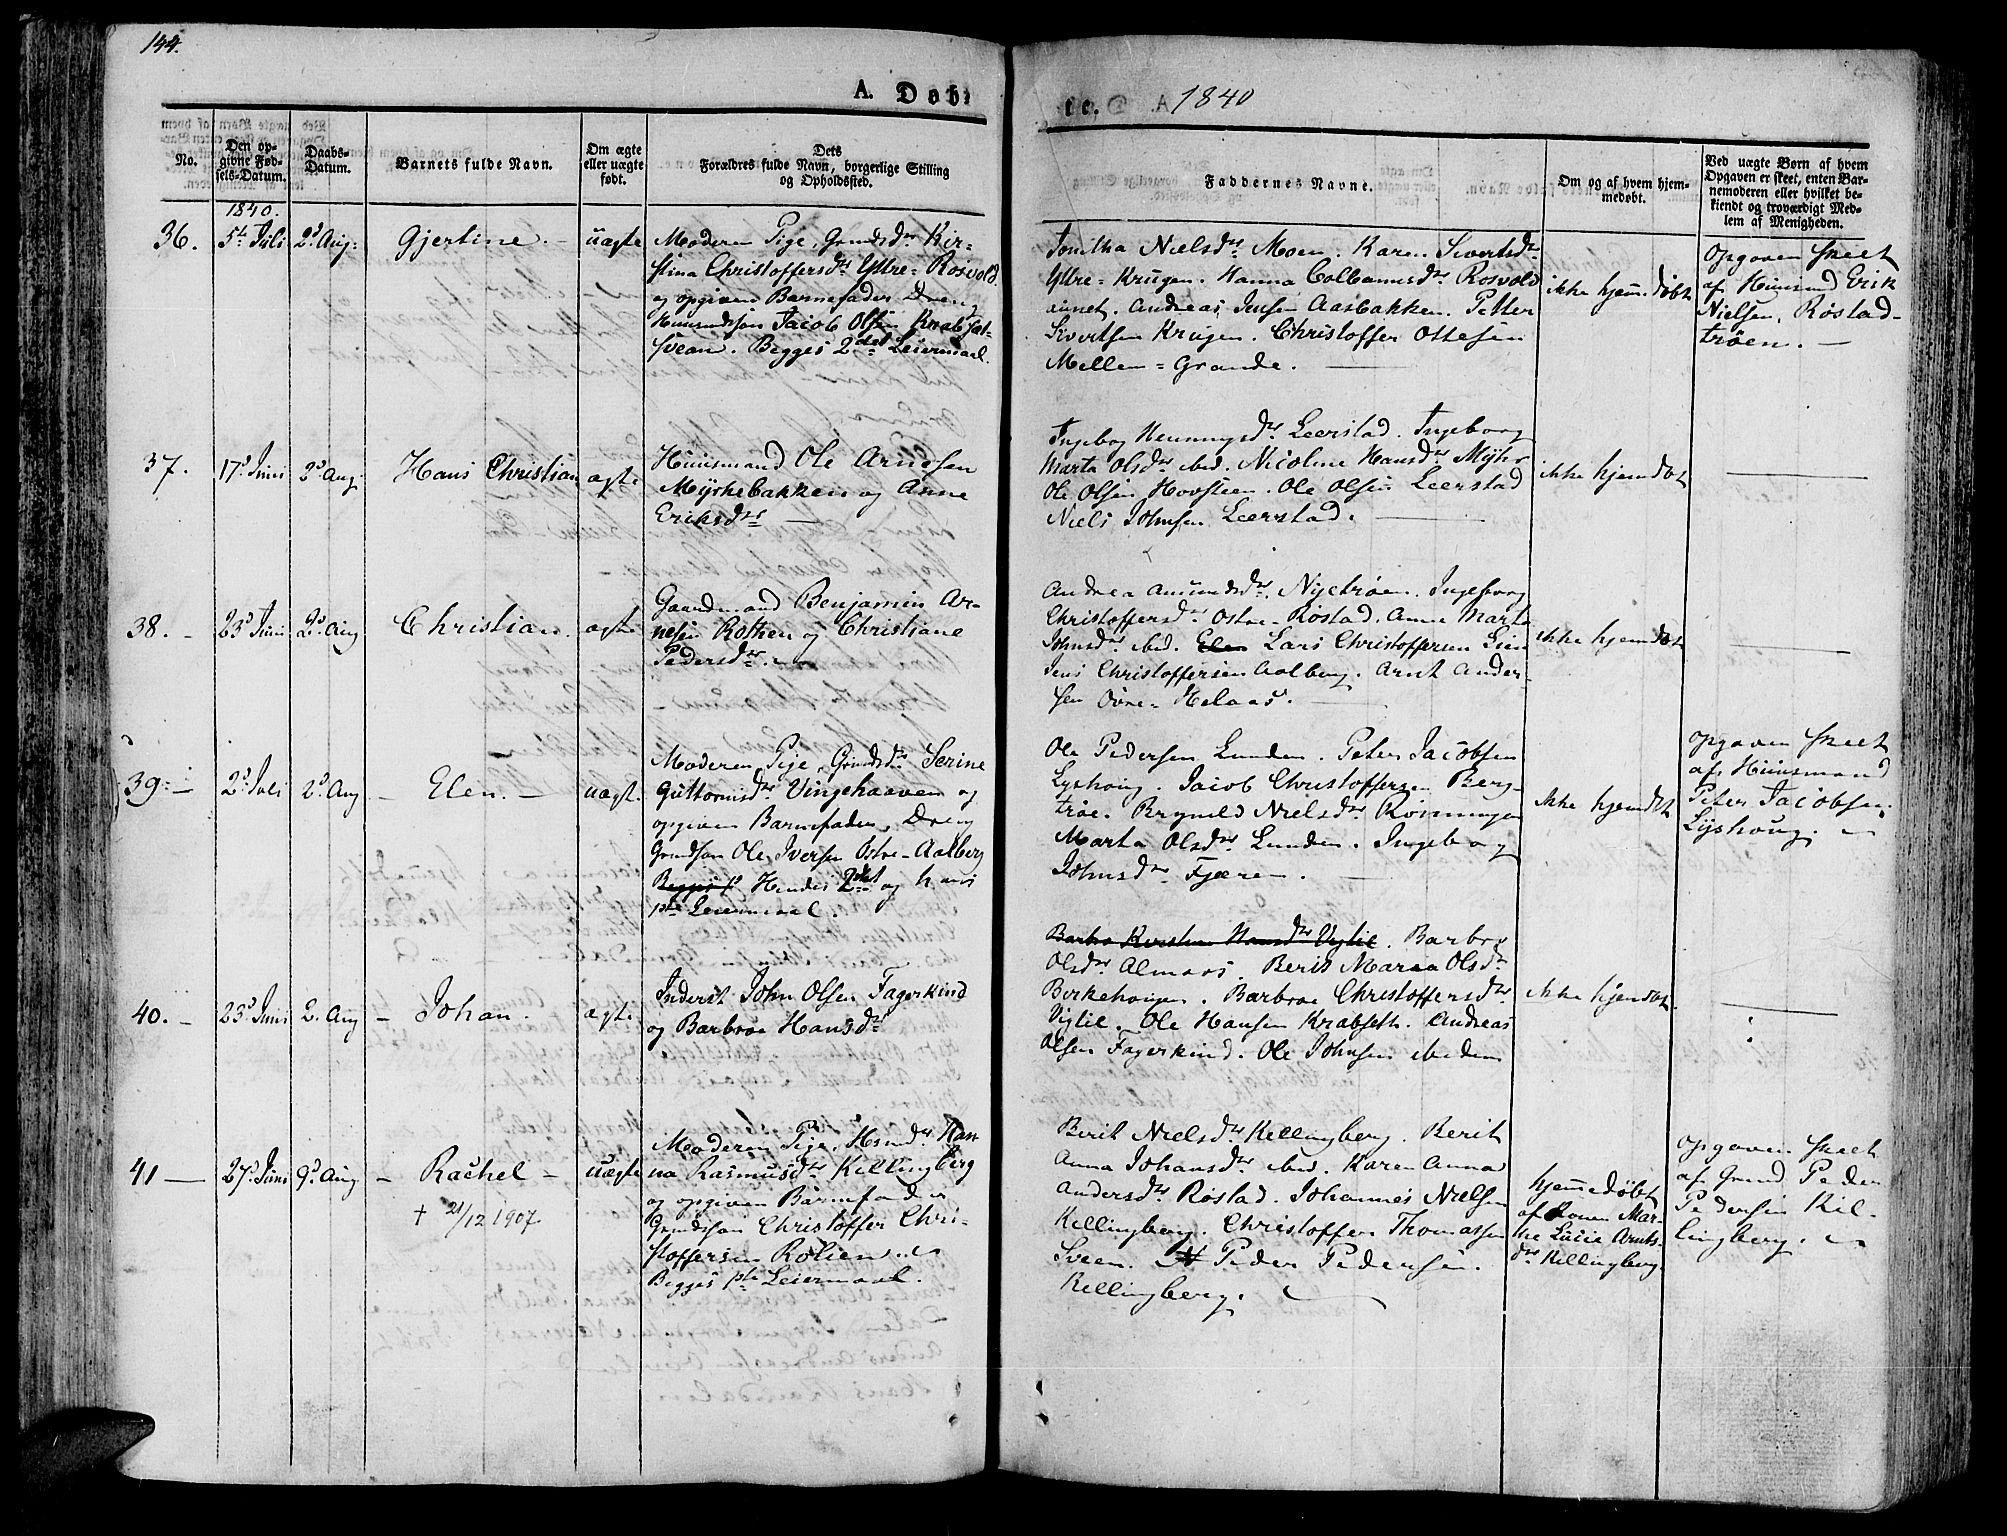 SAT, Ministerialprotokoller, klokkerbøker og fødselsregistre - Nord-Trøndelag, 701/L0006: Ministerialbok nr. 701A06, 1825-1841, s. 144